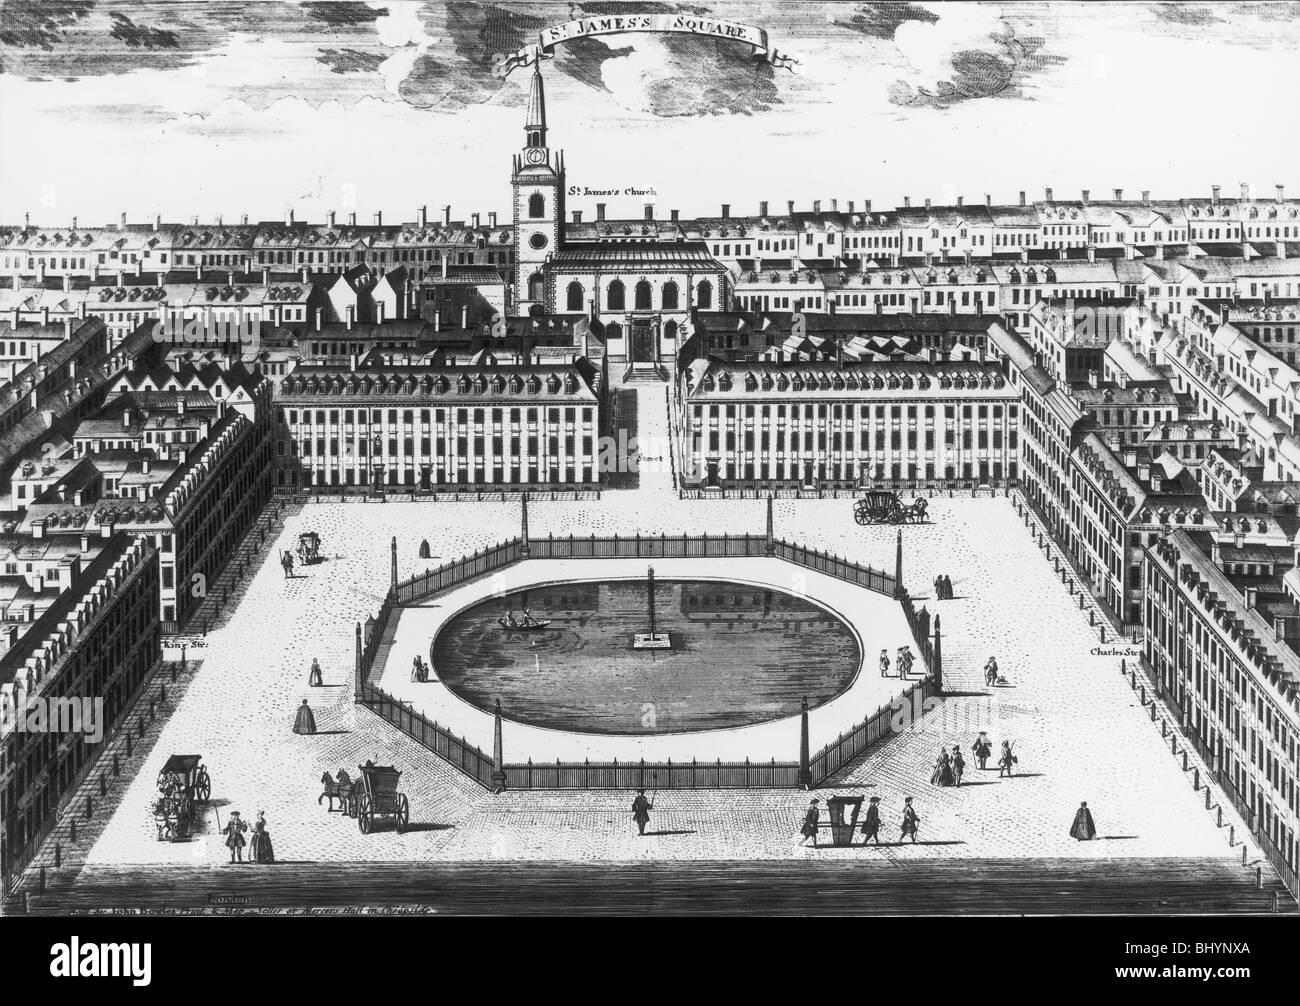 St James's Square, London, c1725. Artist: Sutton Nicholls - Stock Image